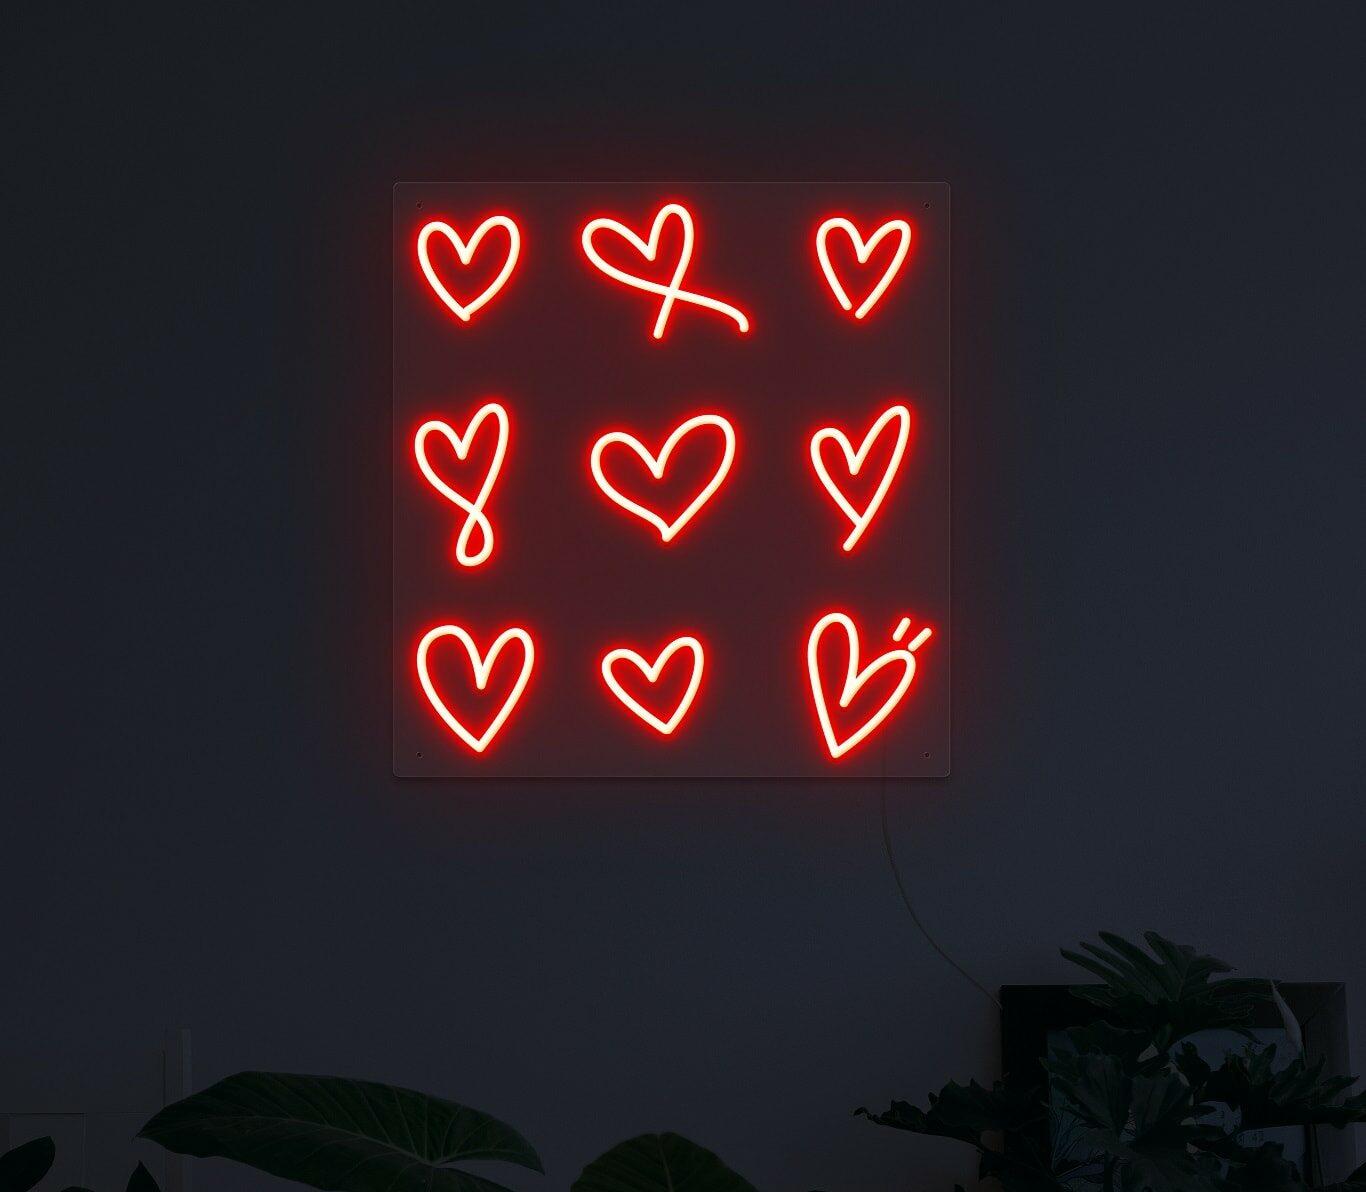 Hearts neon light